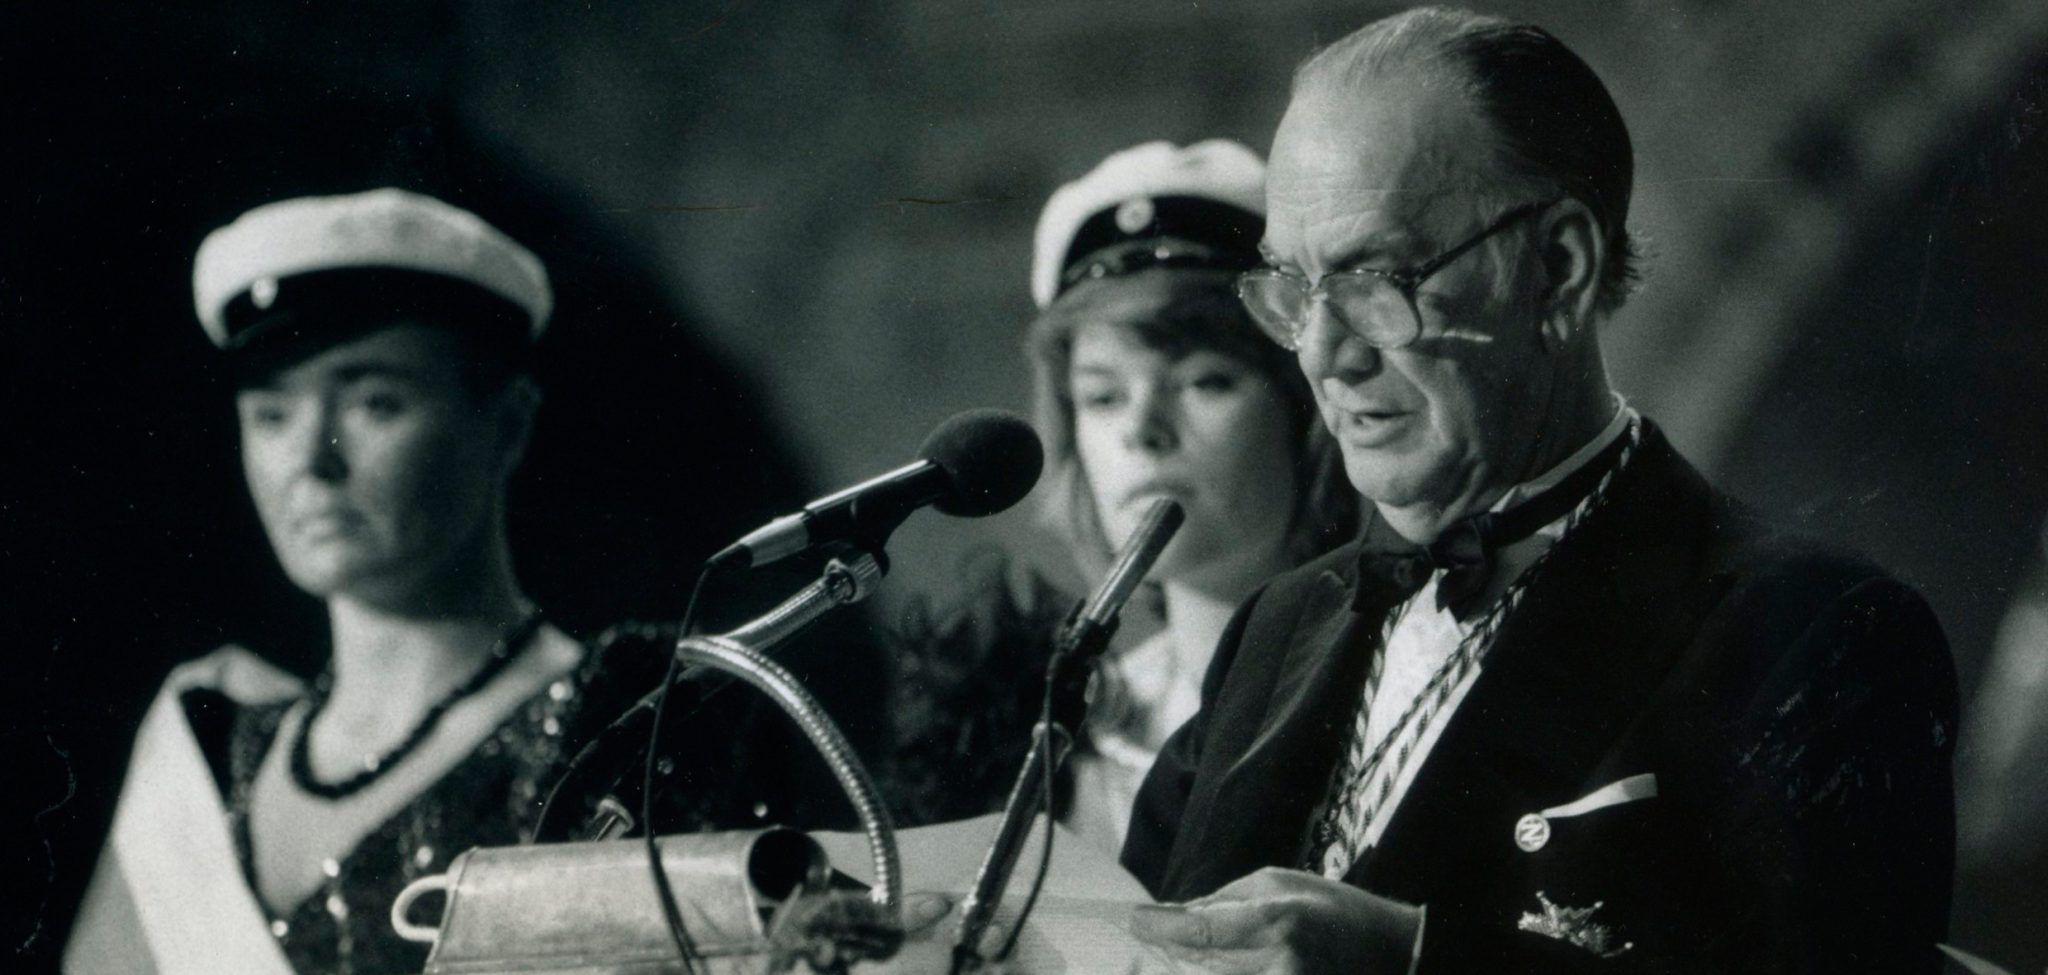 Discurso de Camilo José Cela al recibir el premio Nobel de literatura el 10 de diciembre de 1989